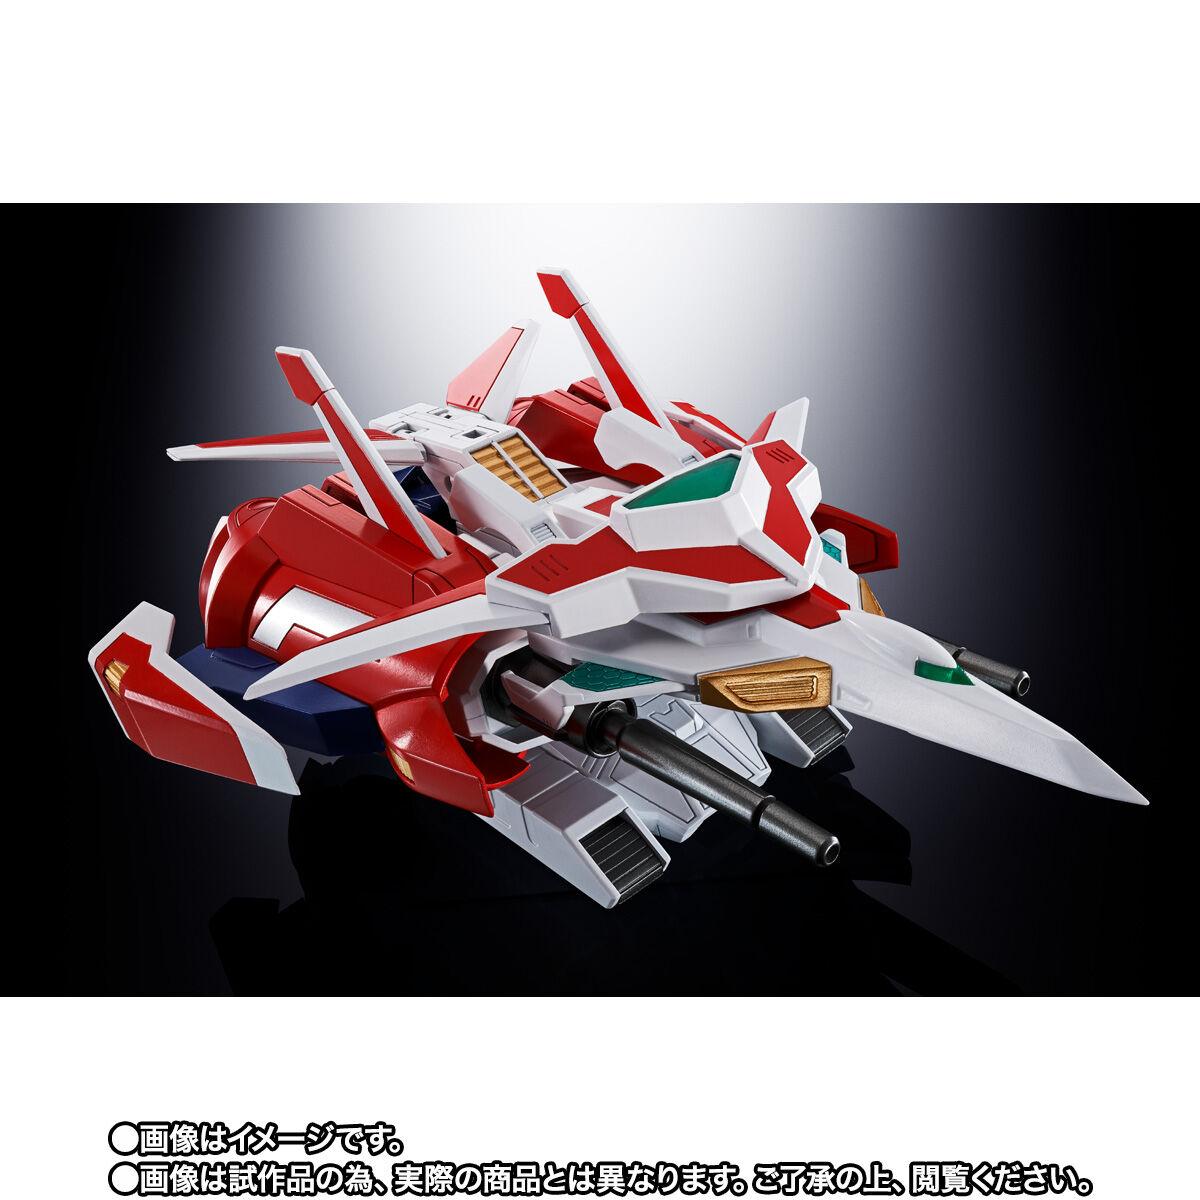 【限定販売】超合金魂『GX-96X Gアームライザー』ゲッターロボ號 可動フィギュア-003